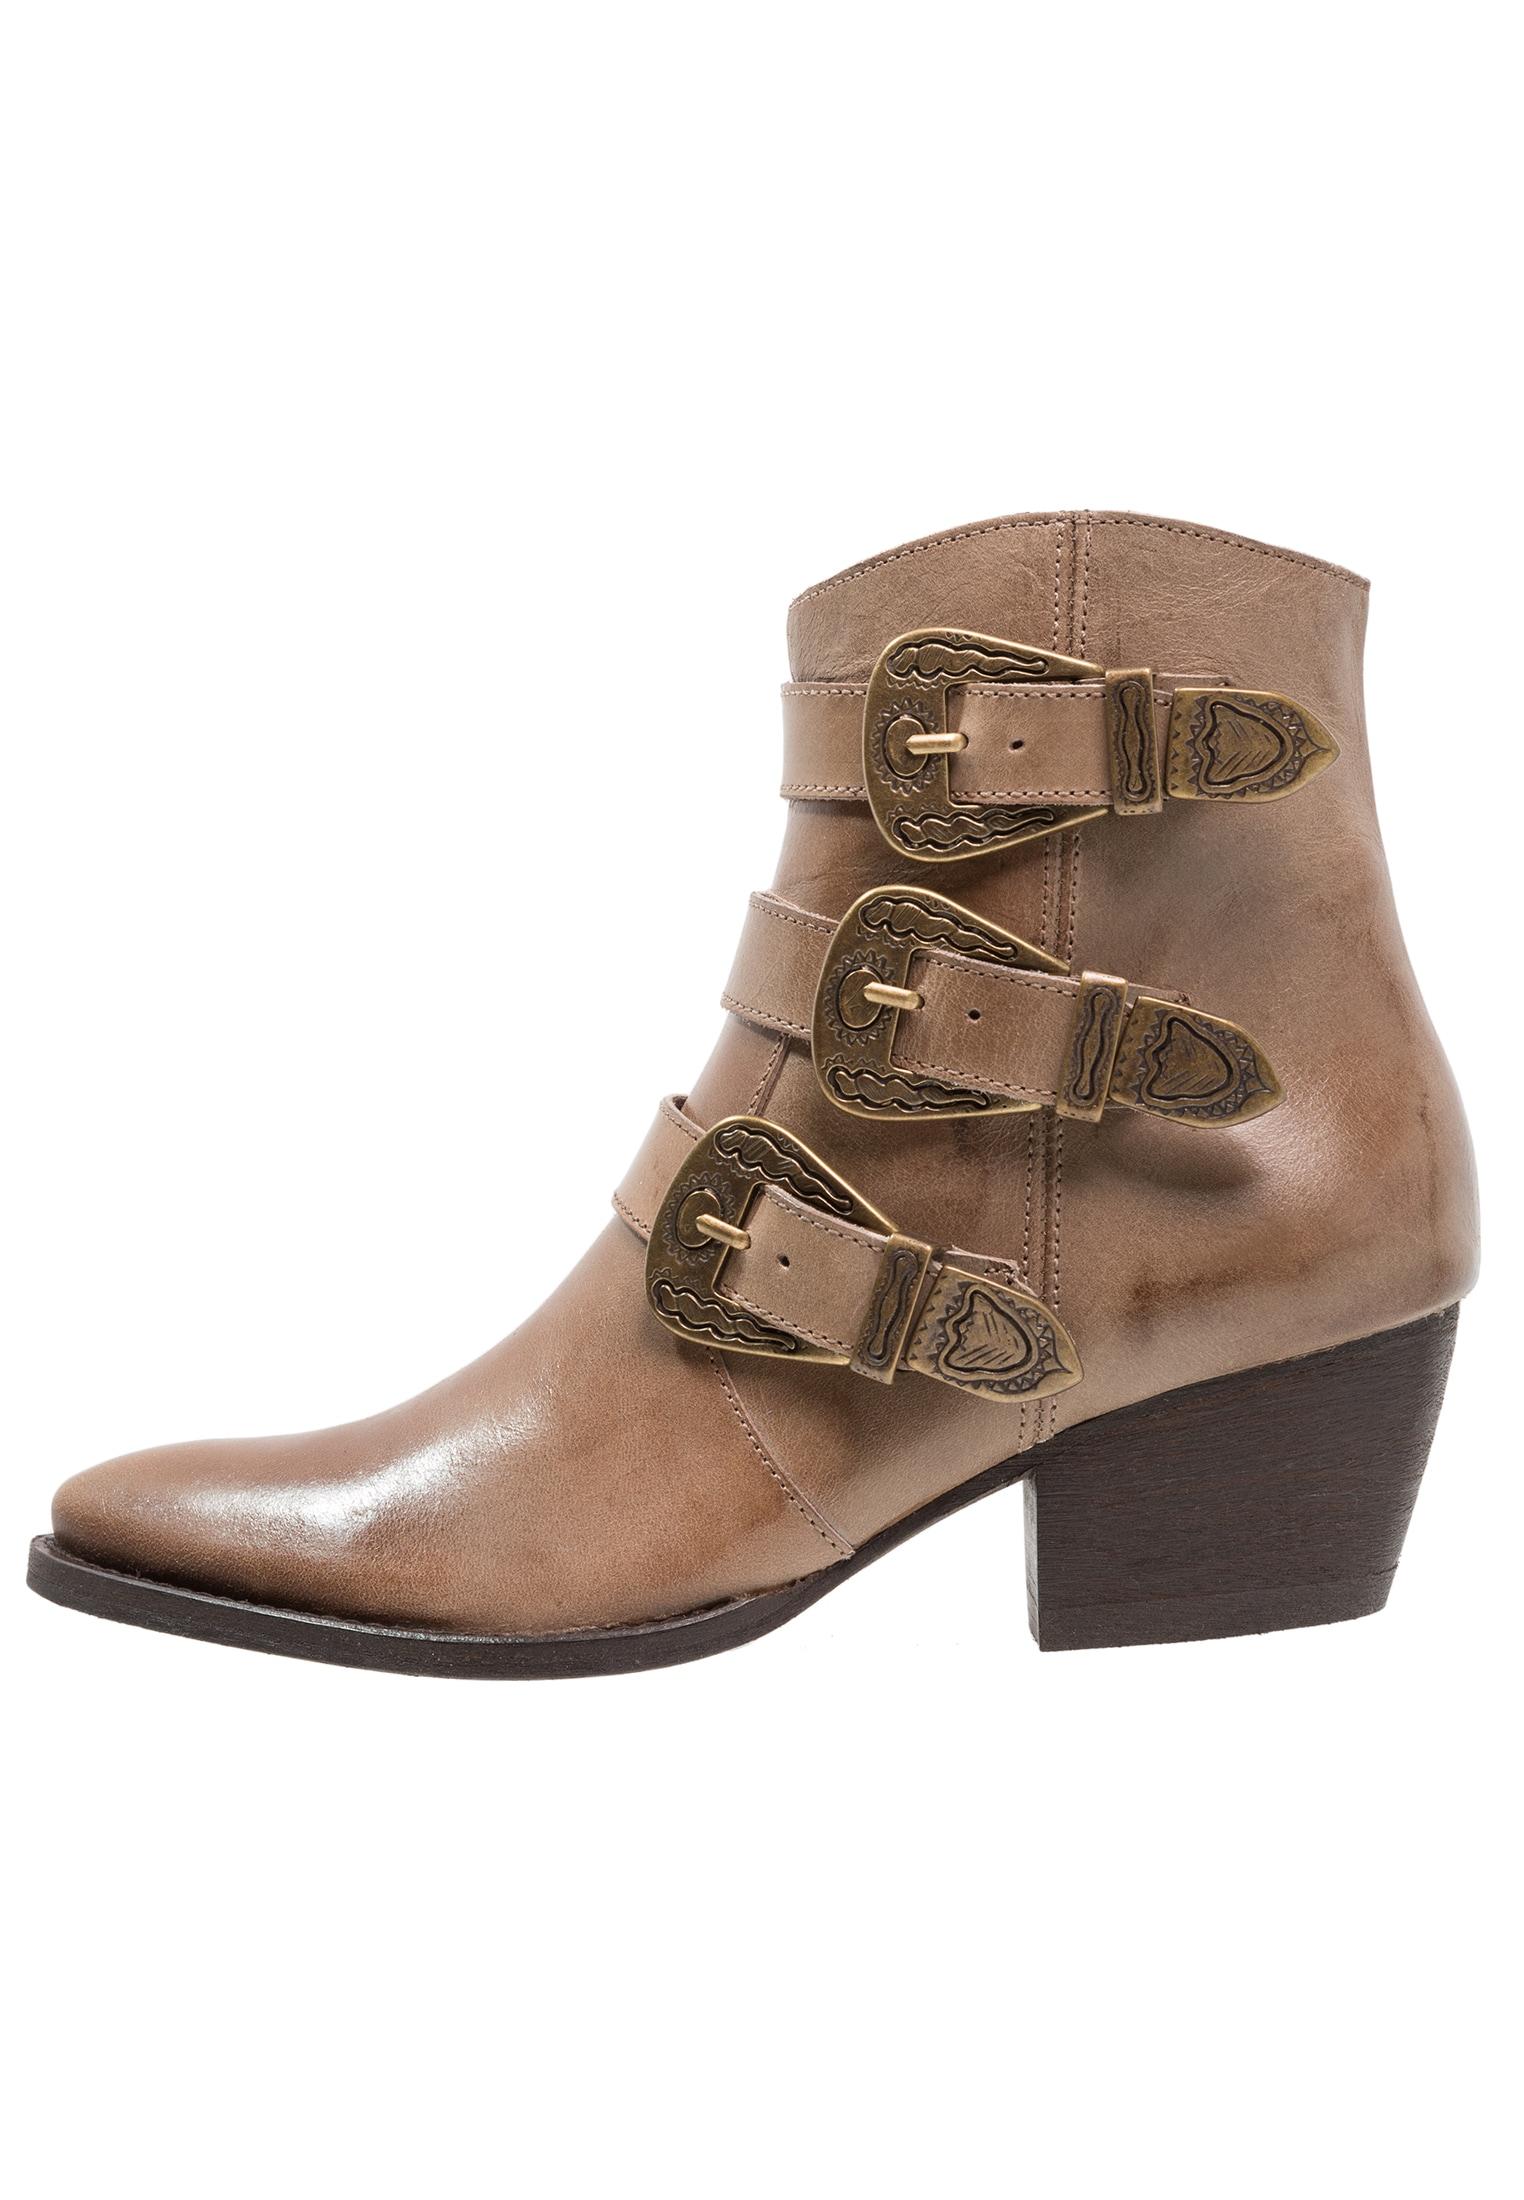 Kentucky's Western Boots